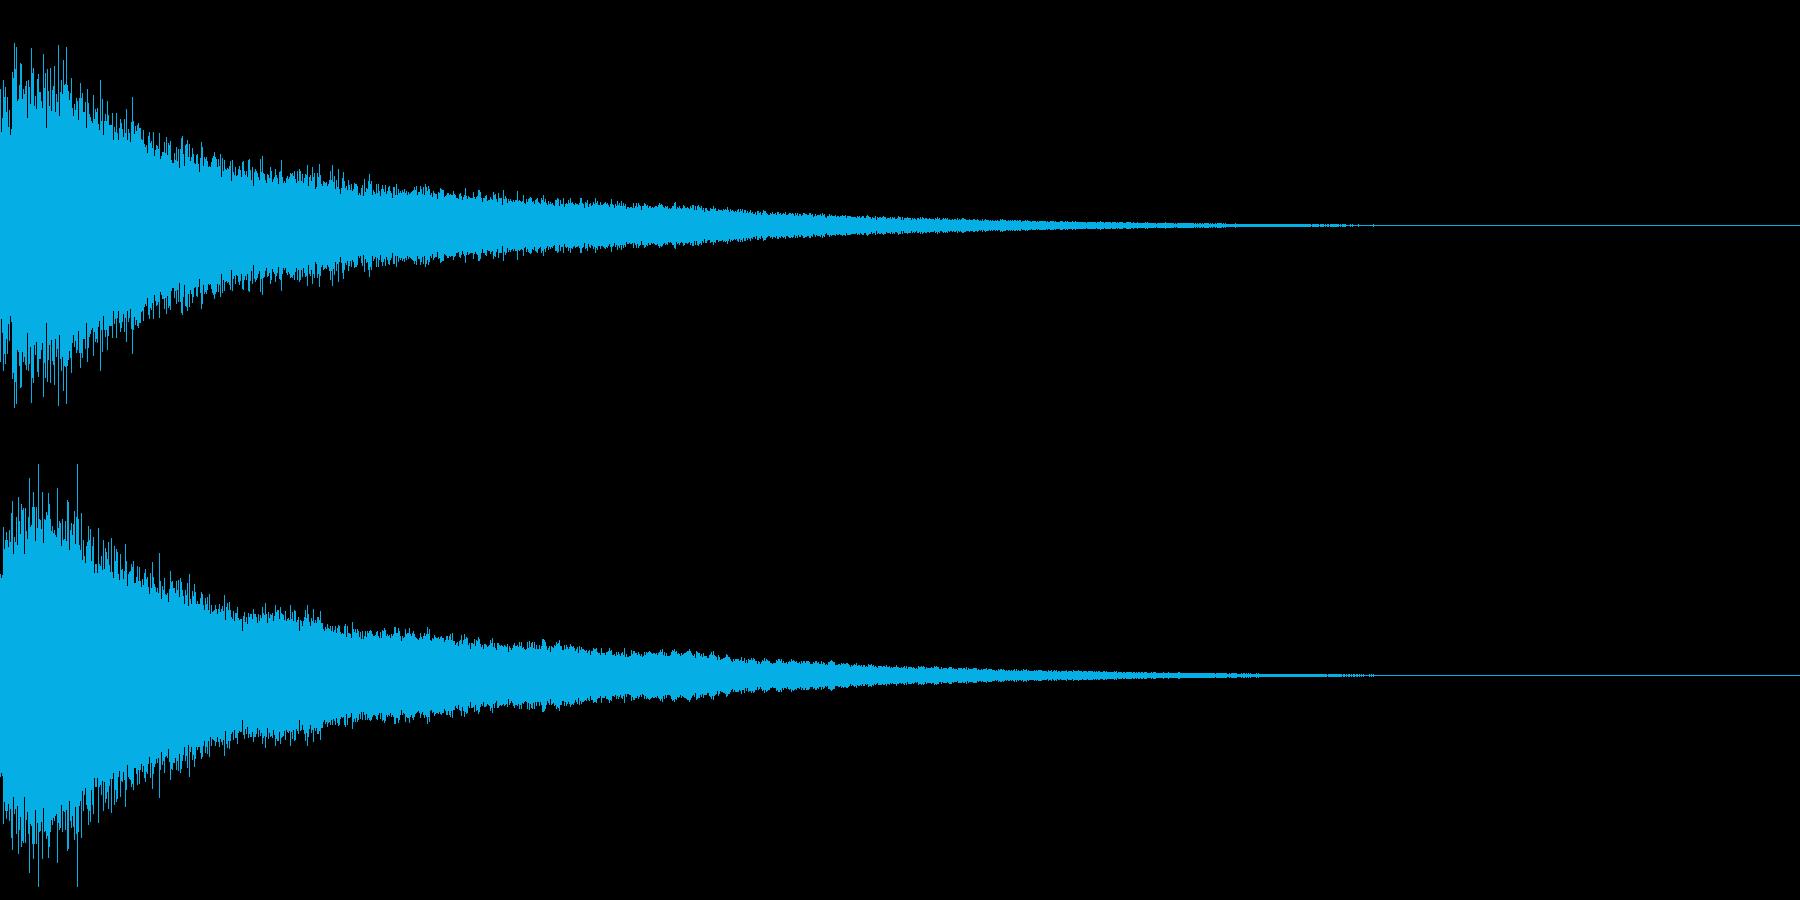 【チャイナシンバル ゴング】中国演出!4の再生済みの波形